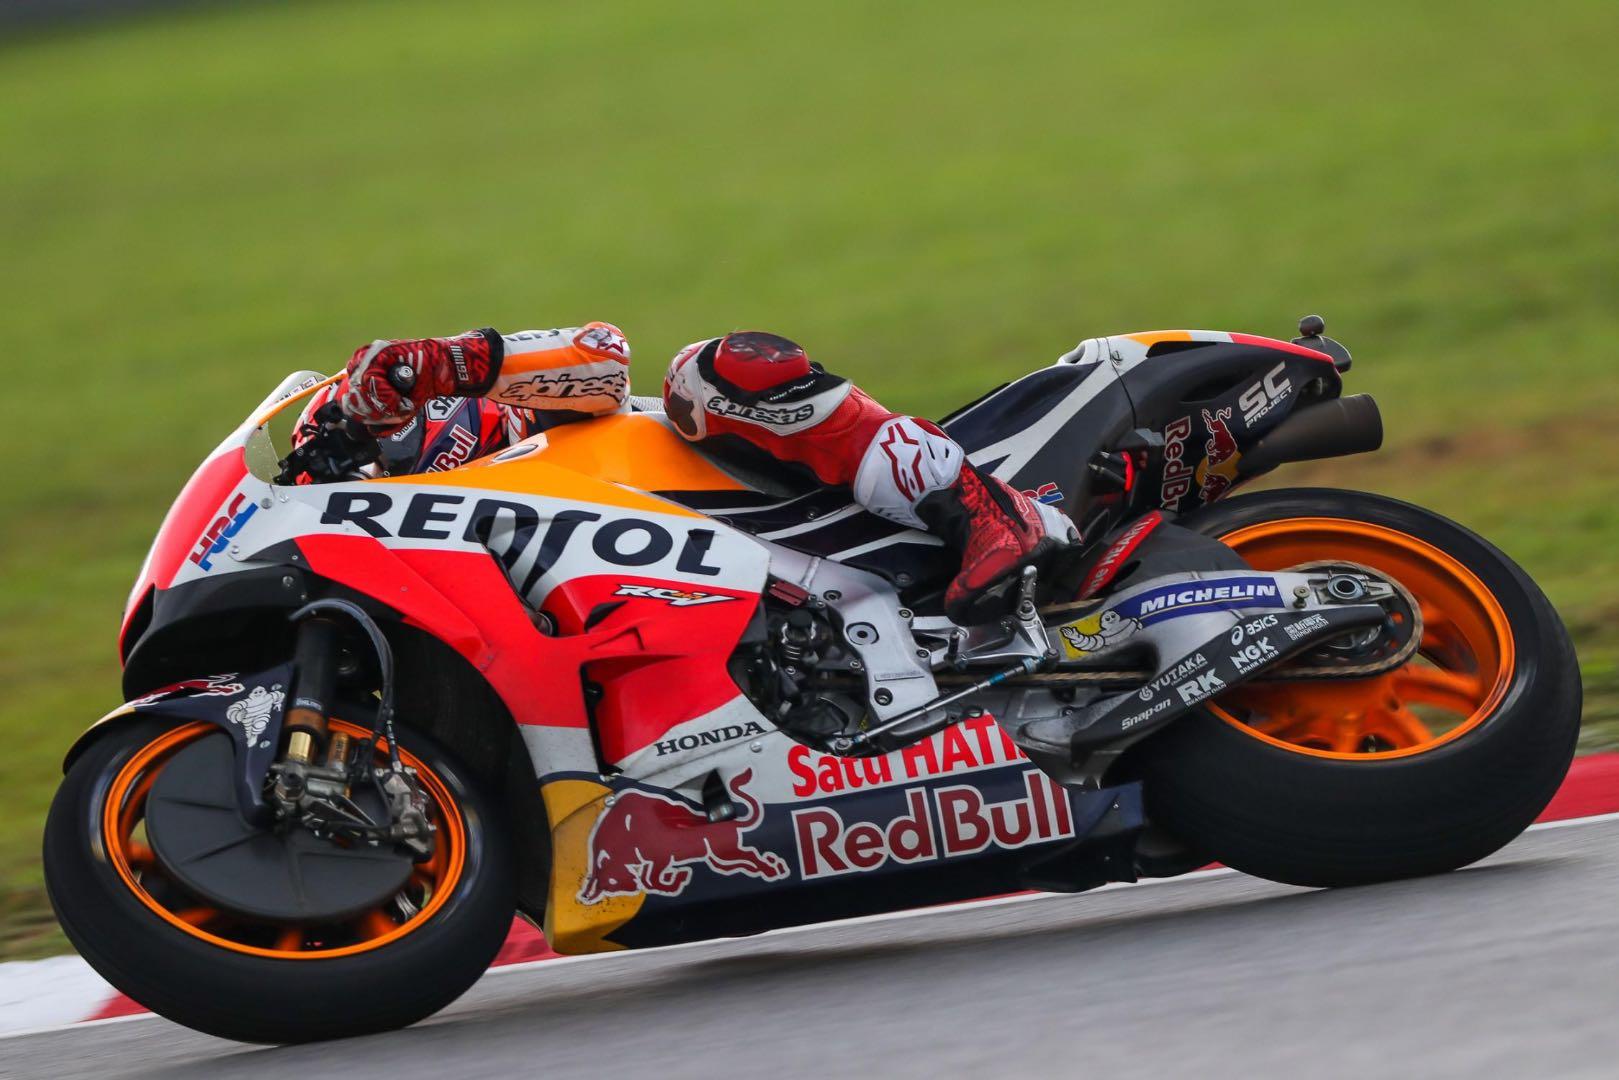 2017 Sepang MotoGP Results: Honda's Marc Marquez